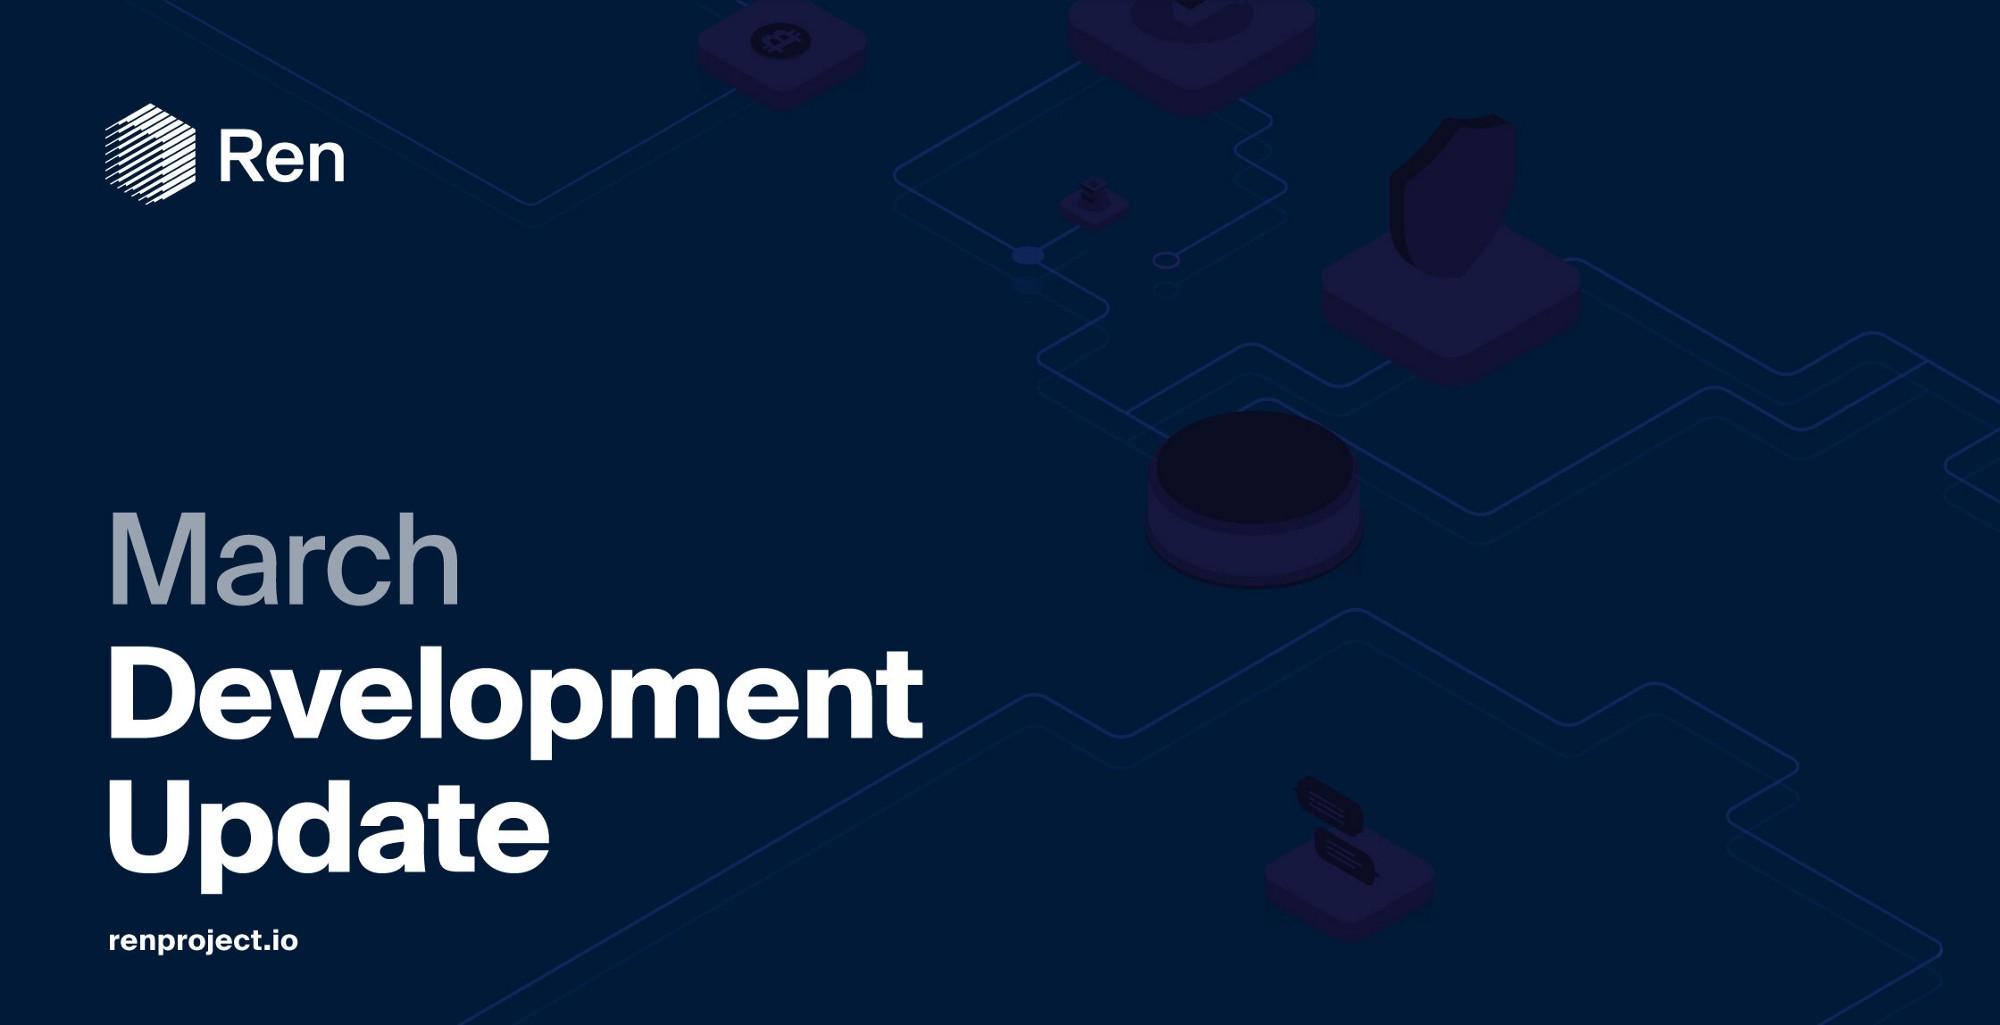 Ren Development Update